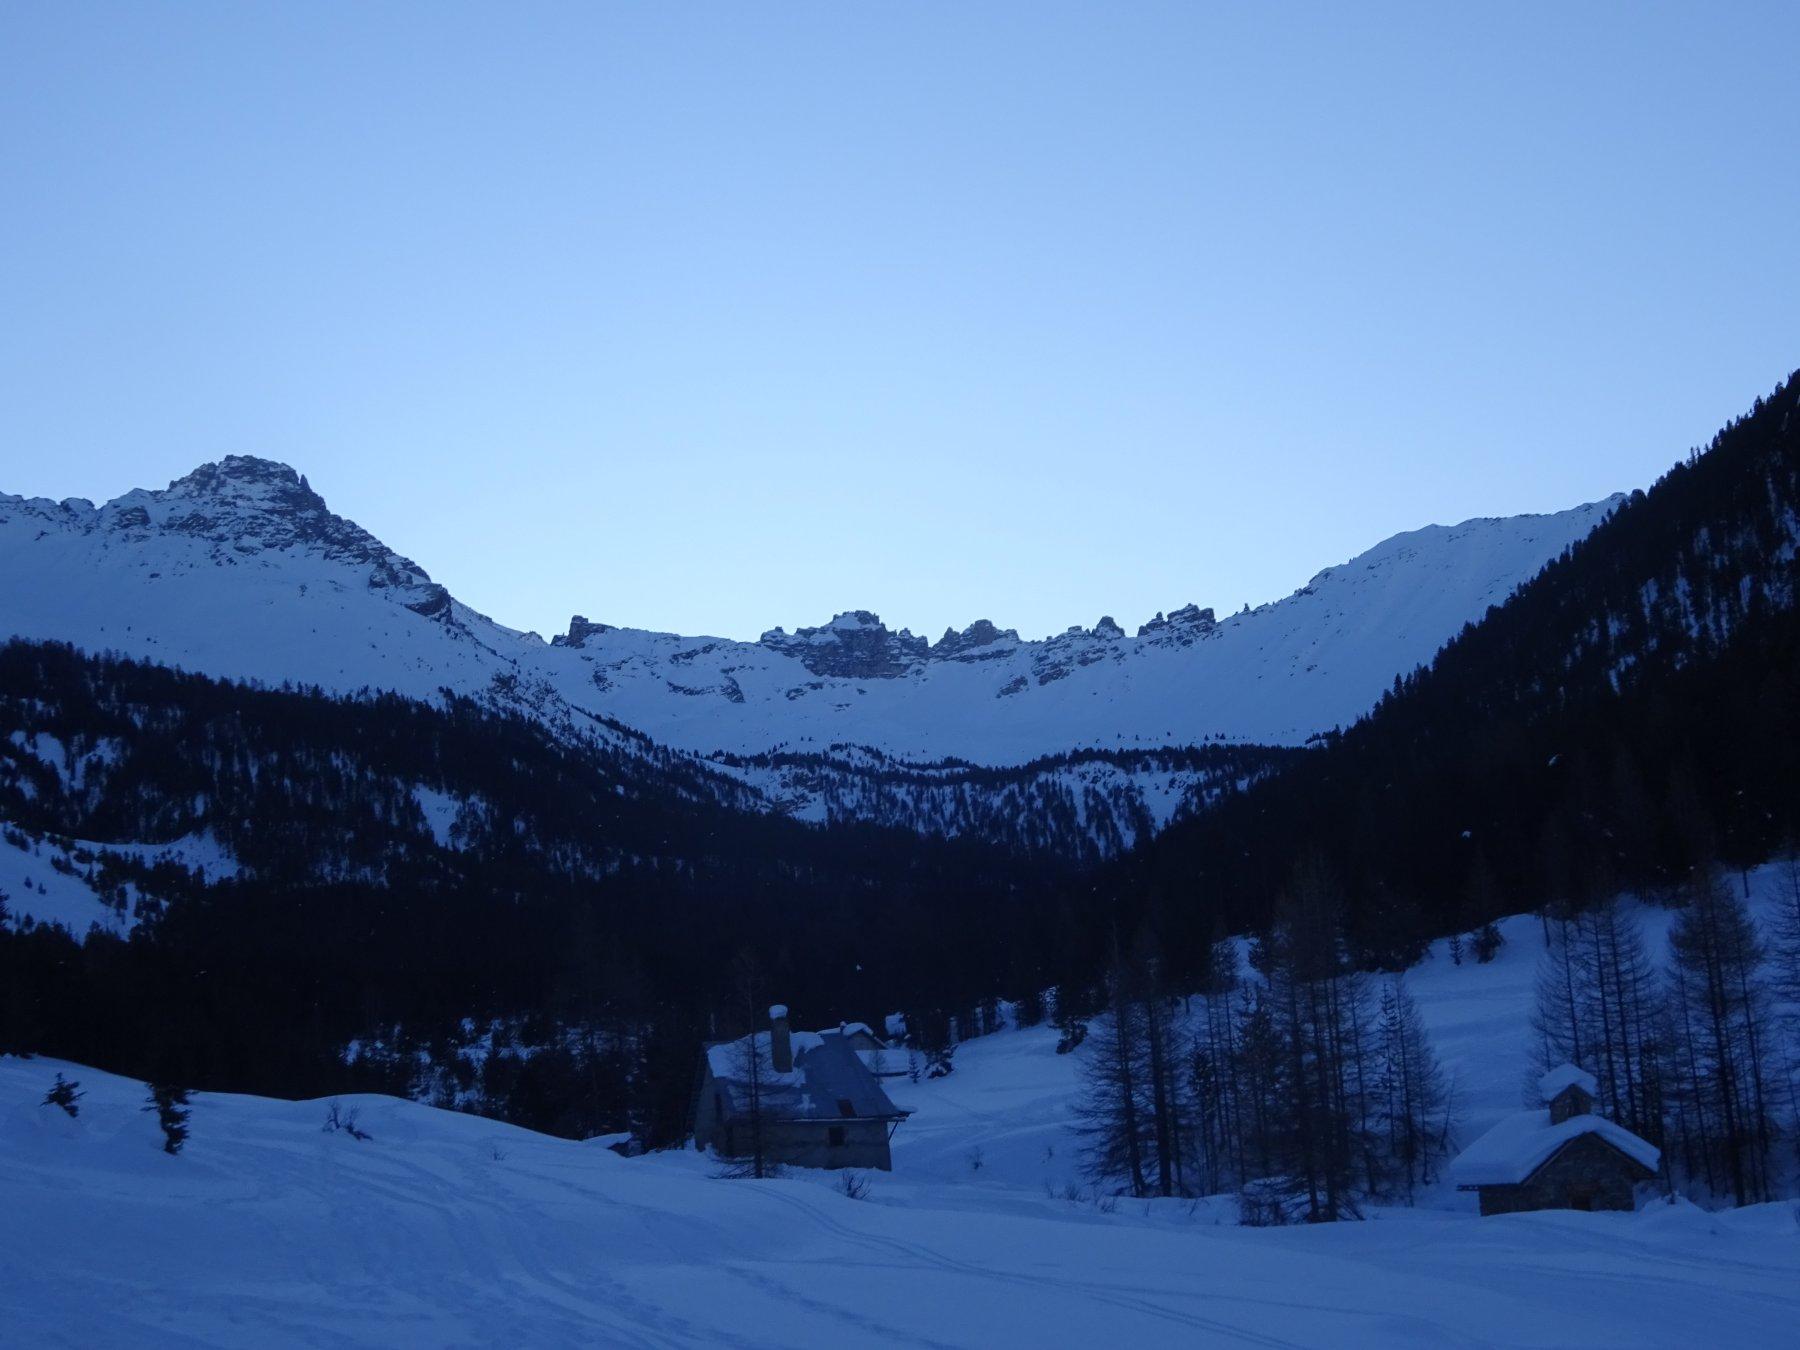 Partenza da Le Laus nel vallone dominato dal Pic de Rochebrune